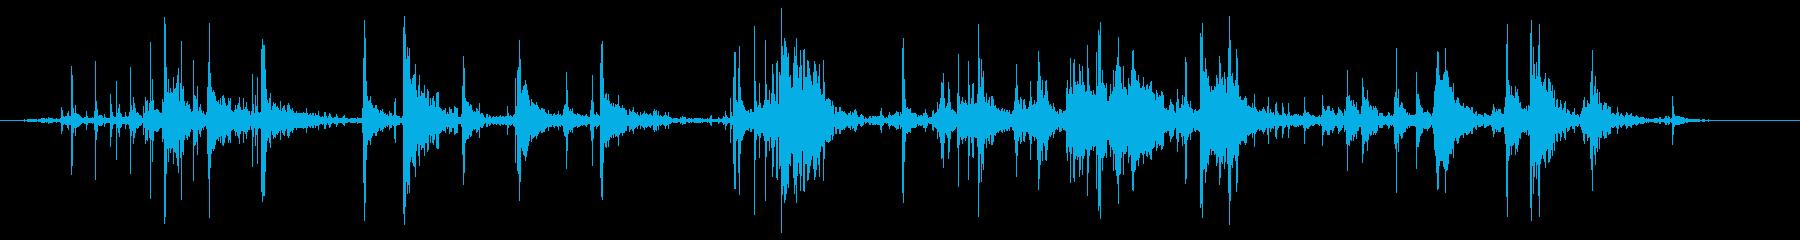 木 ブレイクラージ05の再生済みの波形